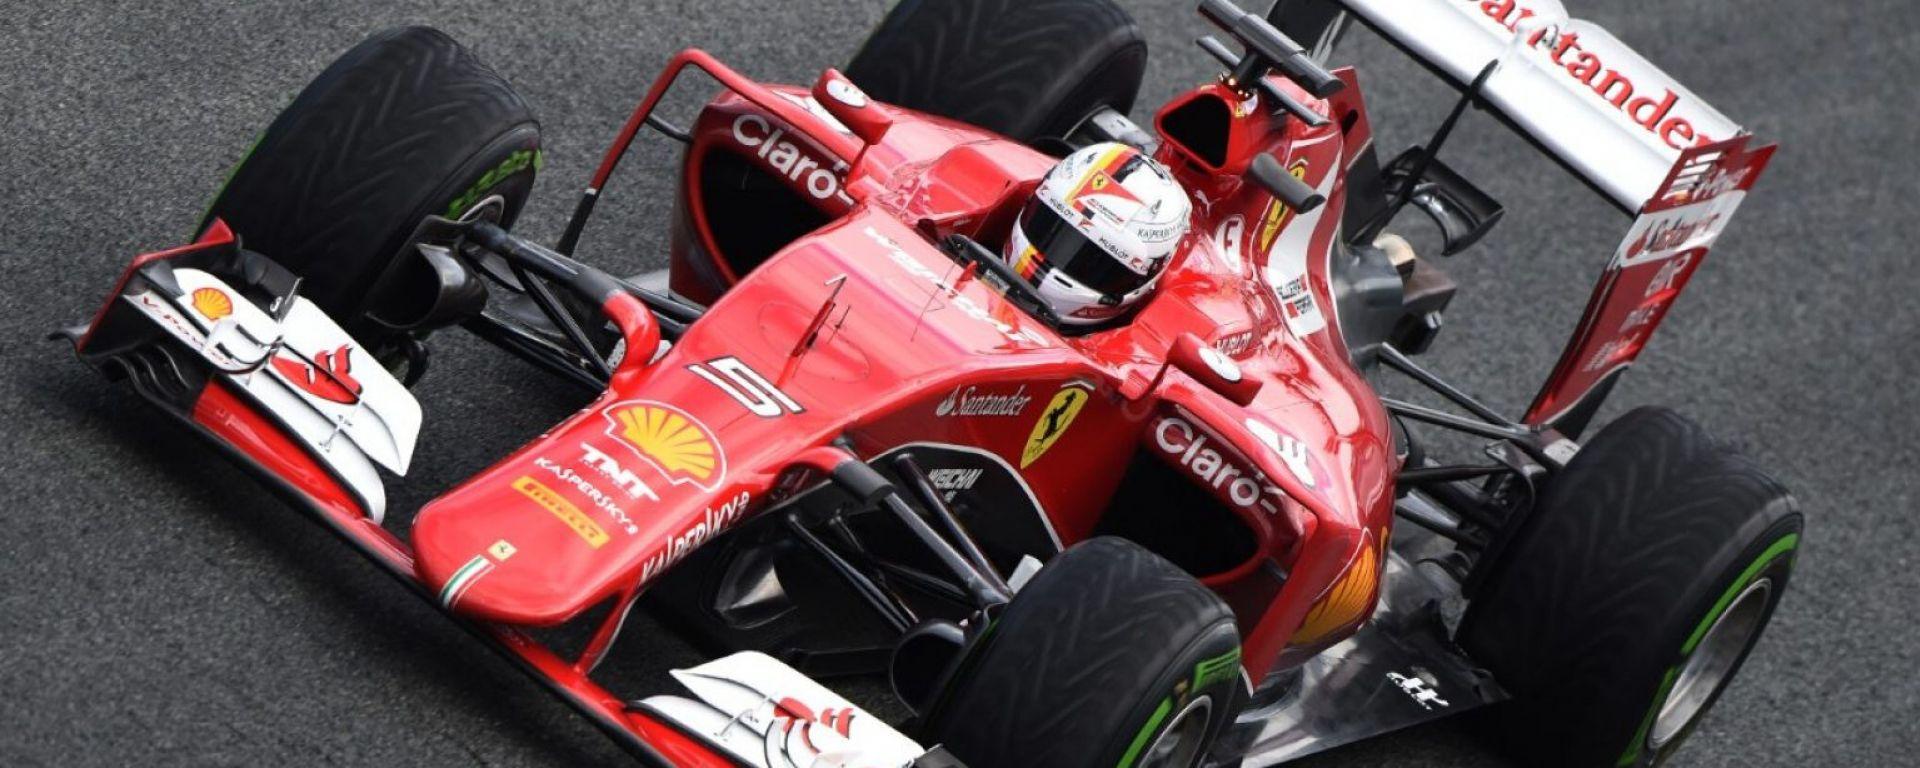 Ferrari: ansia e certezze nel GP della Cina